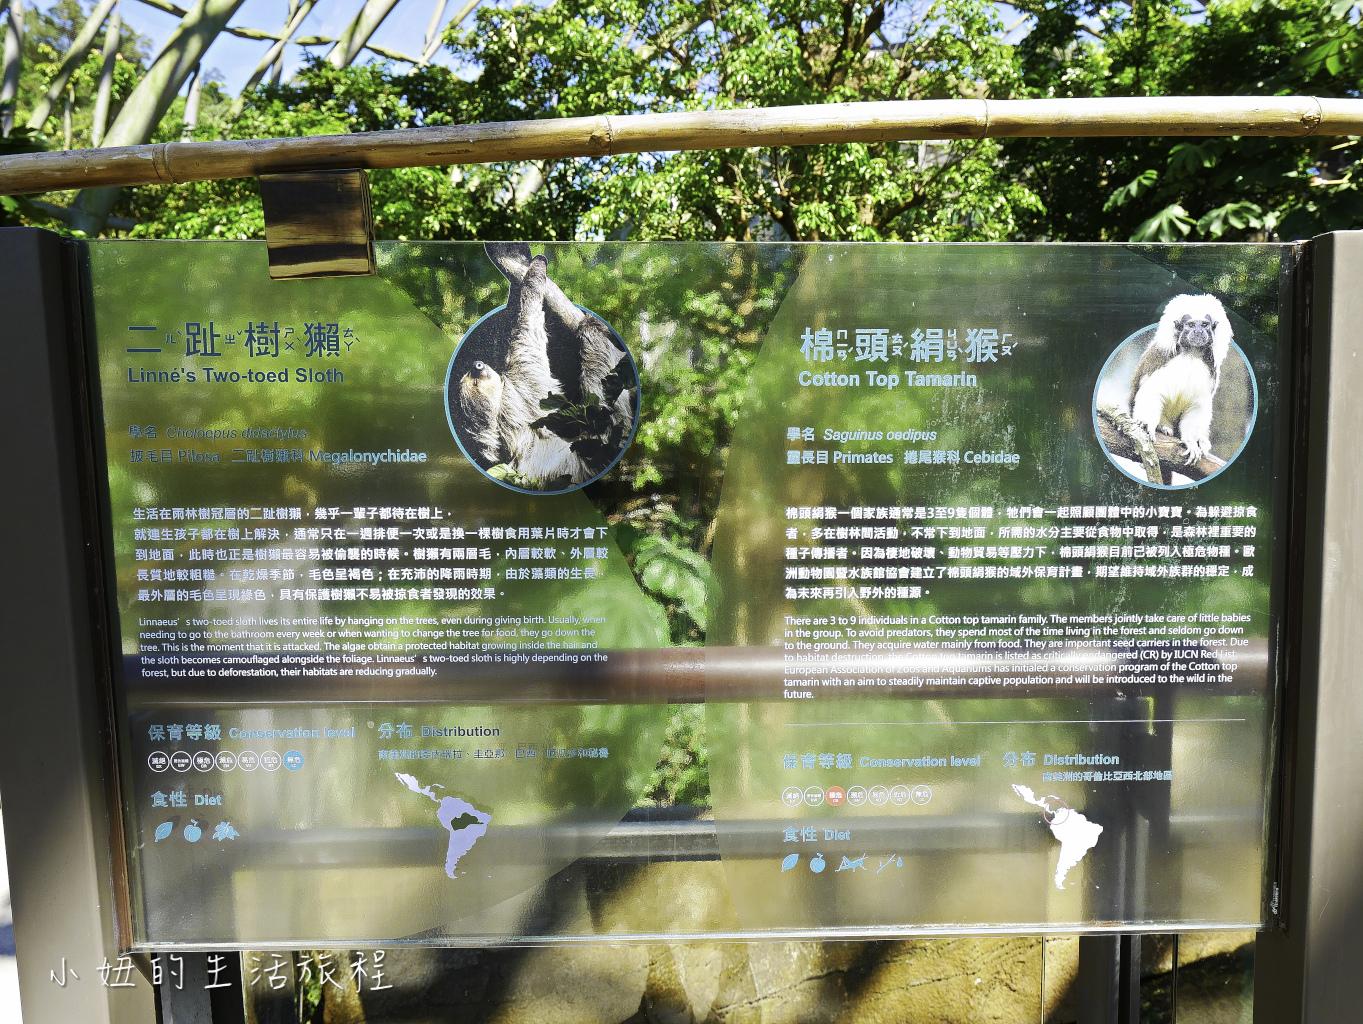 木柵動物園,穿山甲館,熱帶雨林館,2019-45.jpg